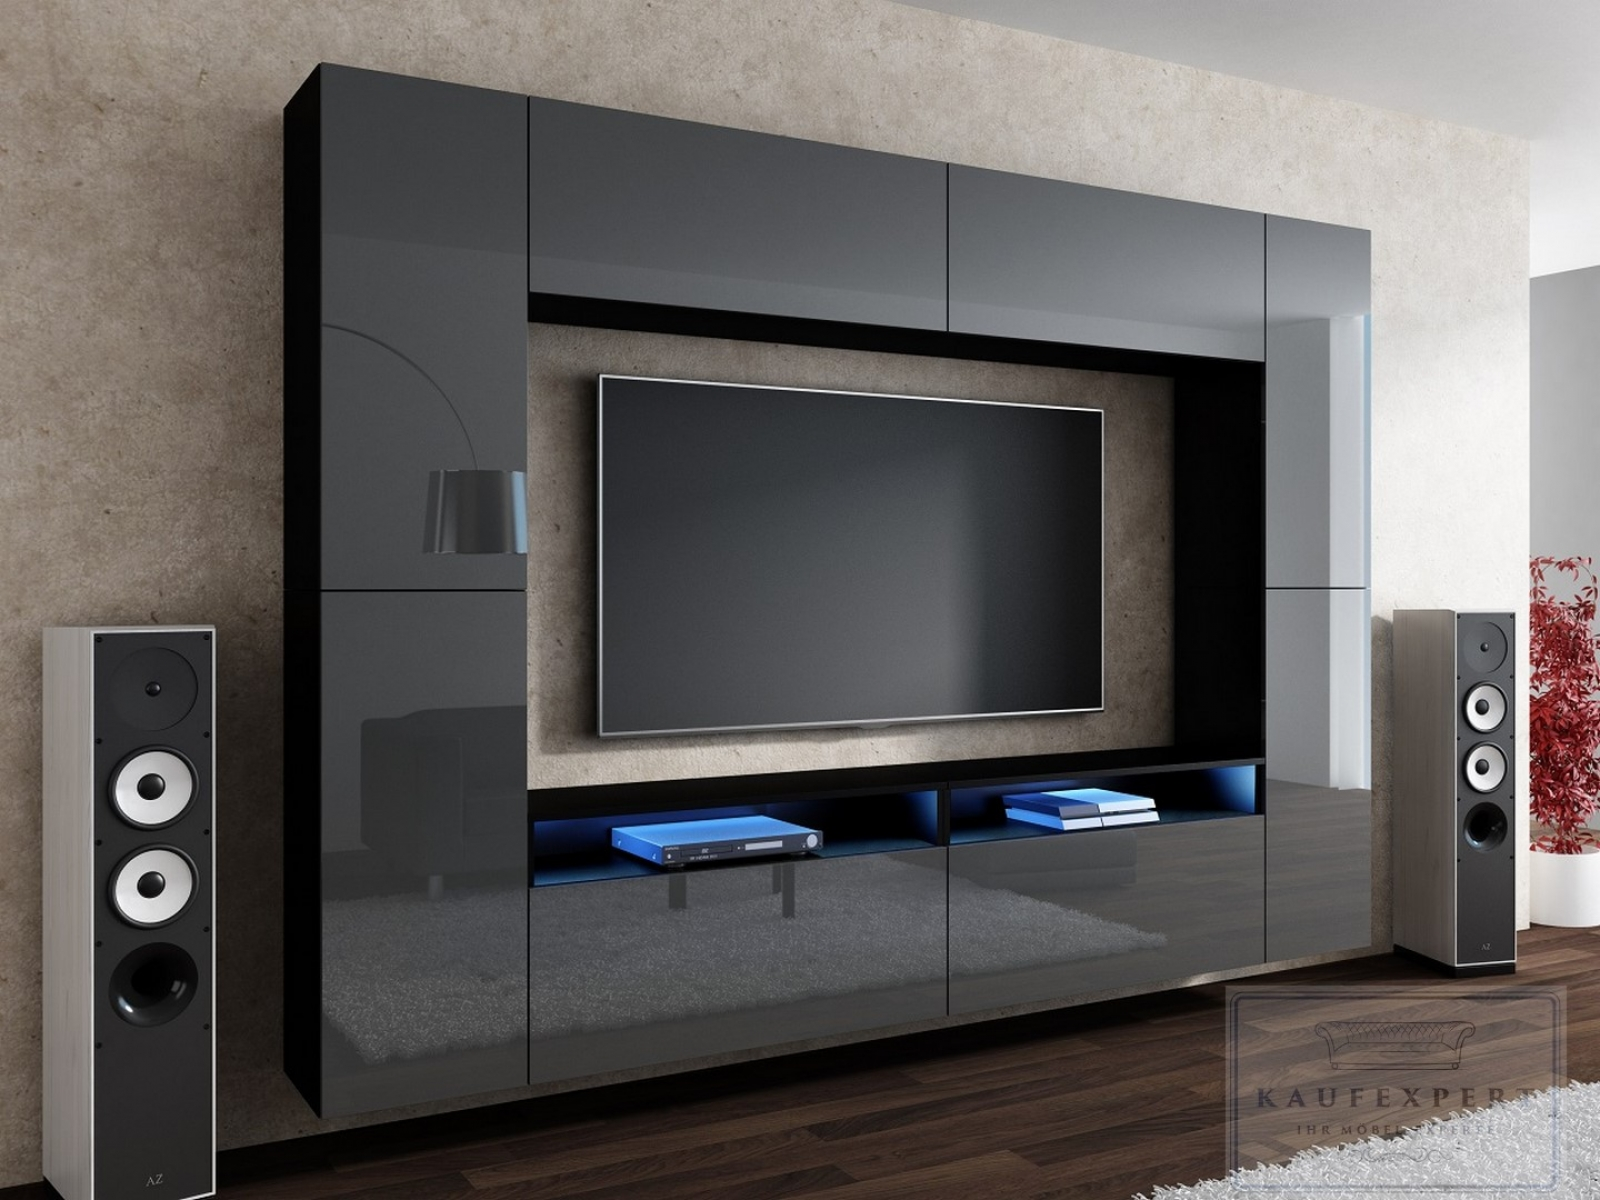 kaufexpert wohnwand cinema grau hochglanz schwarz. Black Bedroom Furniture Sets. Home Design Ideas